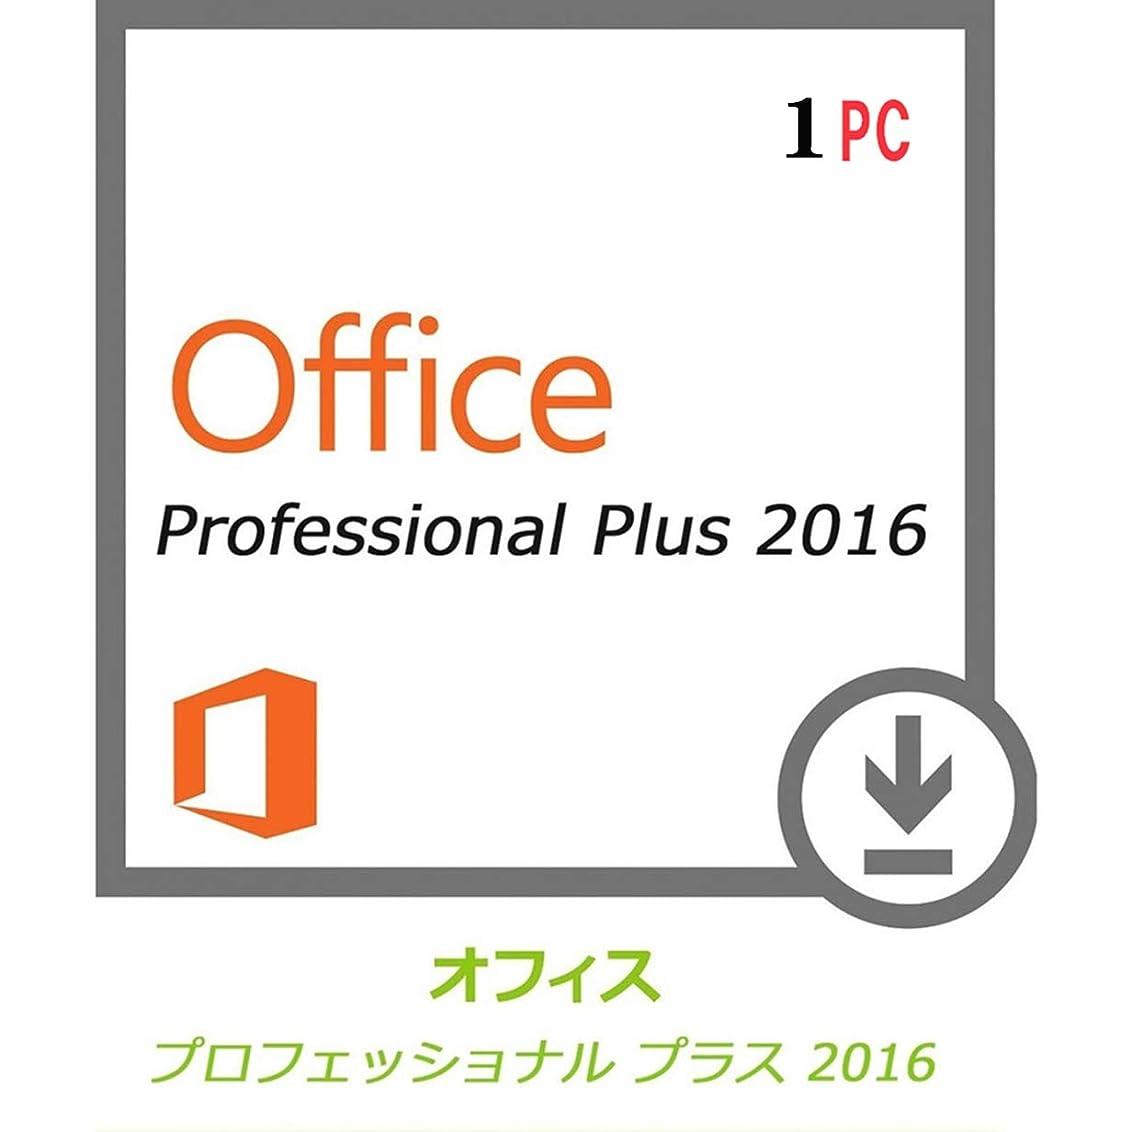 頭蓋骨マルクス主義者スペア2016 Office Professional Plus 1PC ダウンロード版 正規プロダクトキー 日本語対応